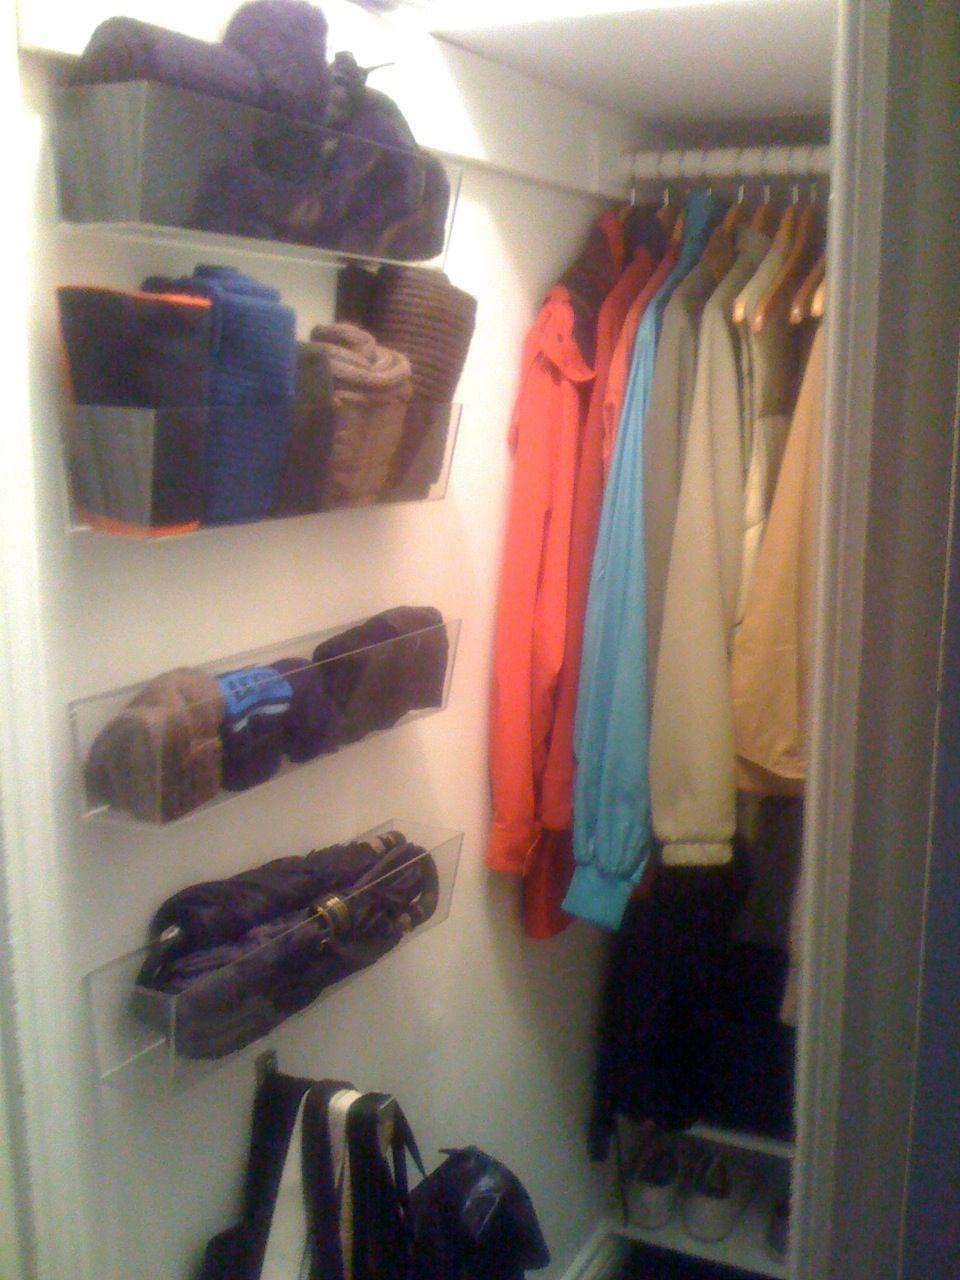 Delicieux Deep Coat Closet: Before + After